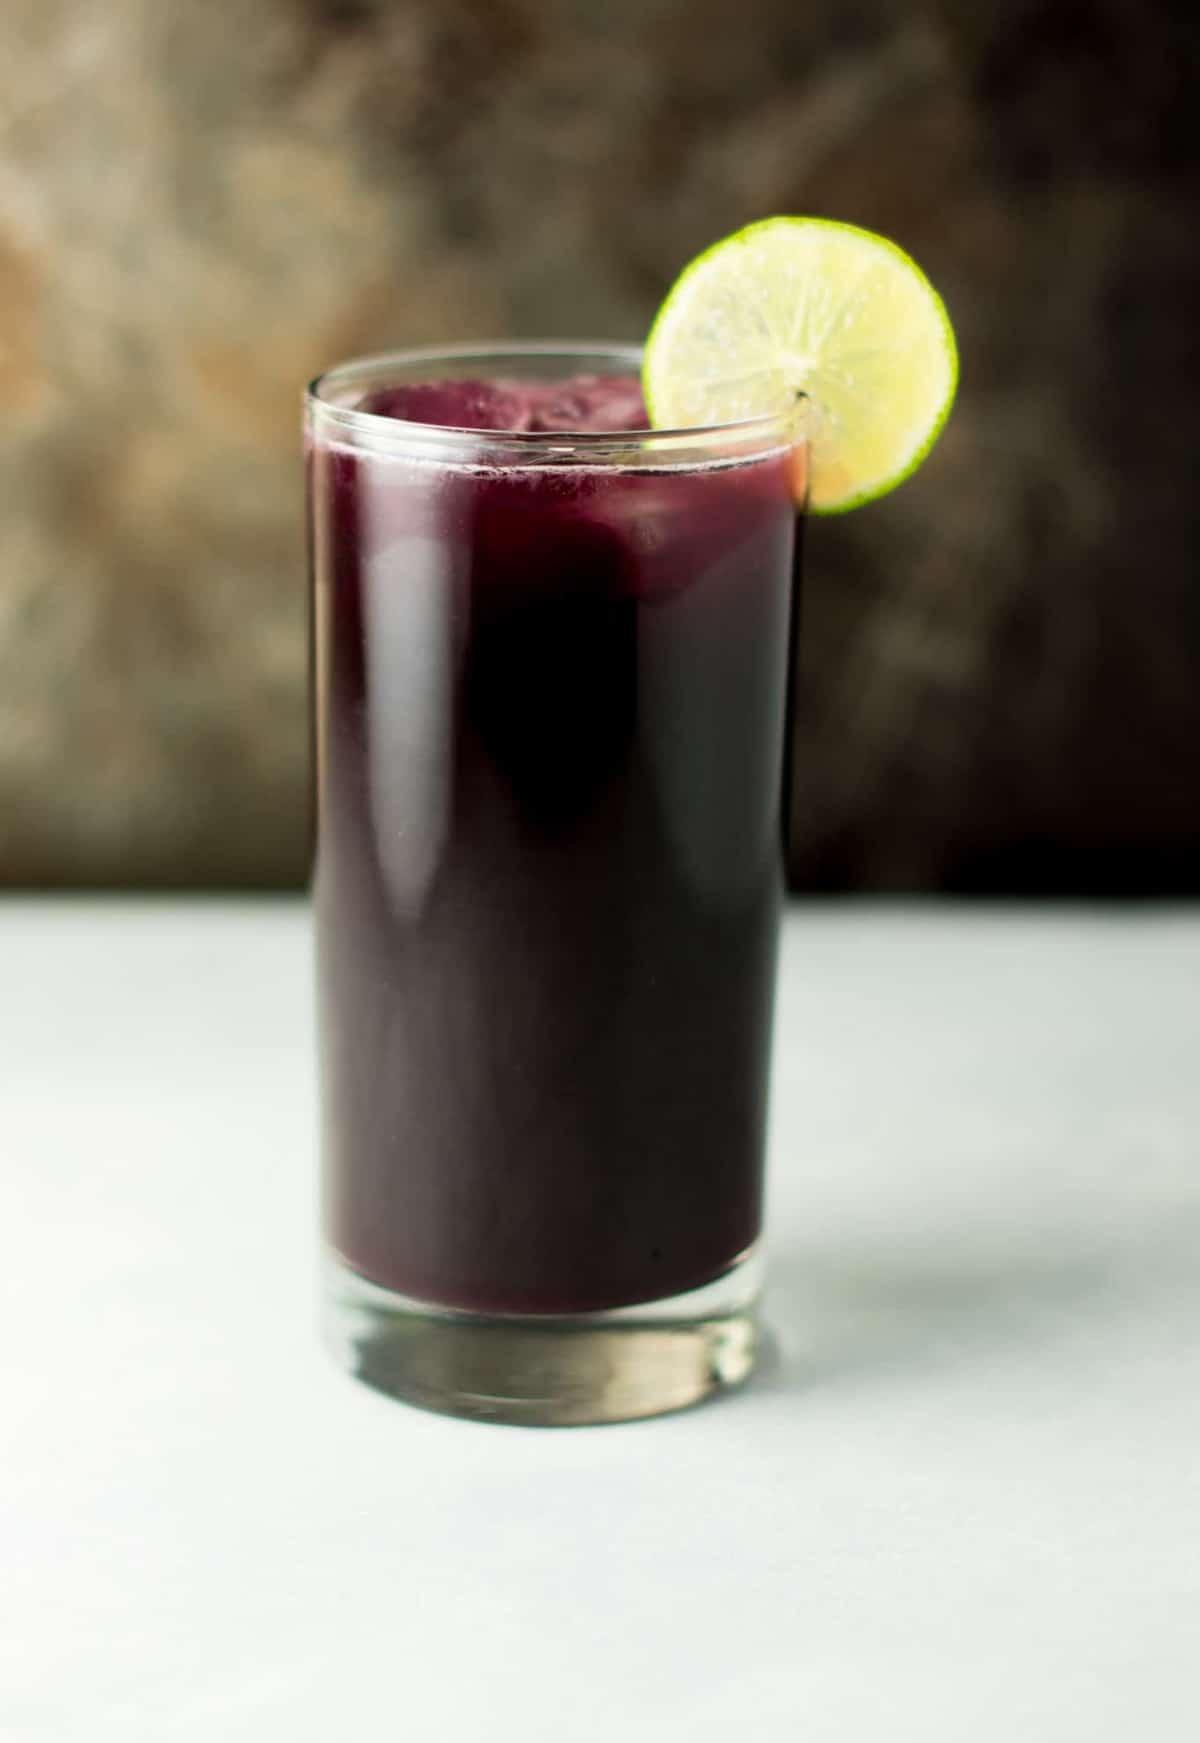 Homemade sparkling grape soda recipe - Build Your Bite